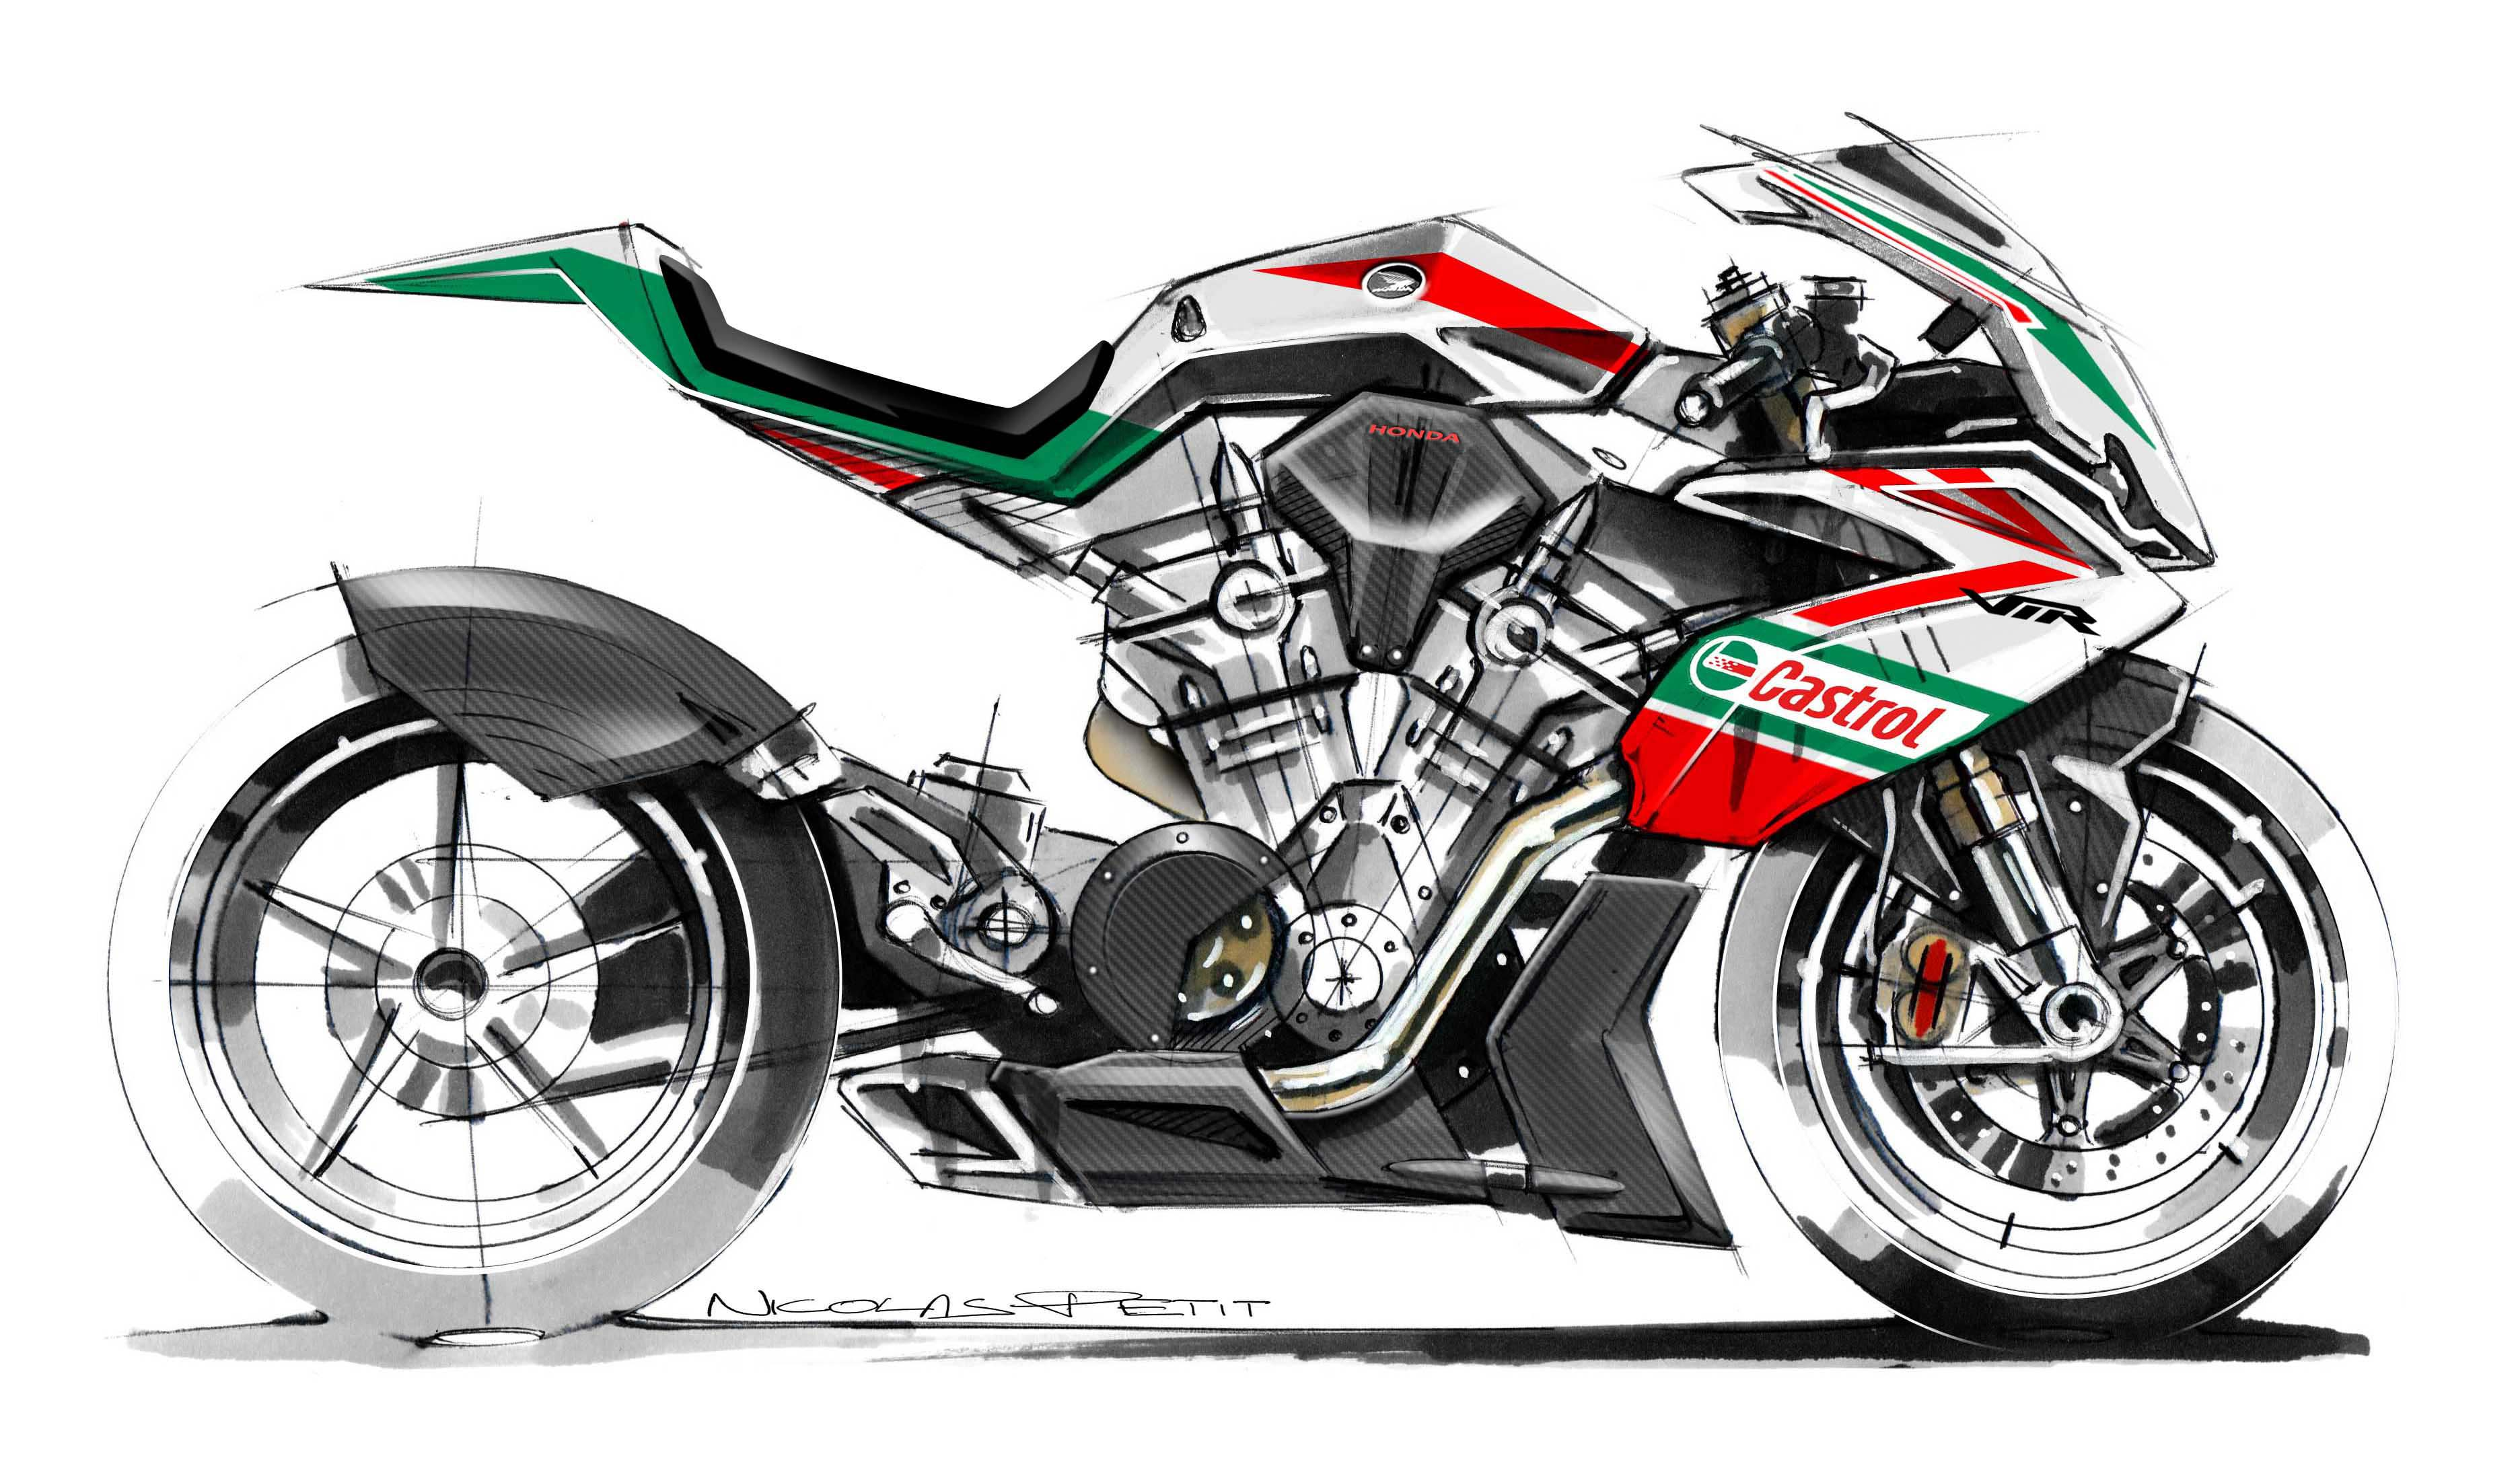 3745x2173 Nicolas Petit Honda Vtr 1200 Concept 02.jpg Pixels